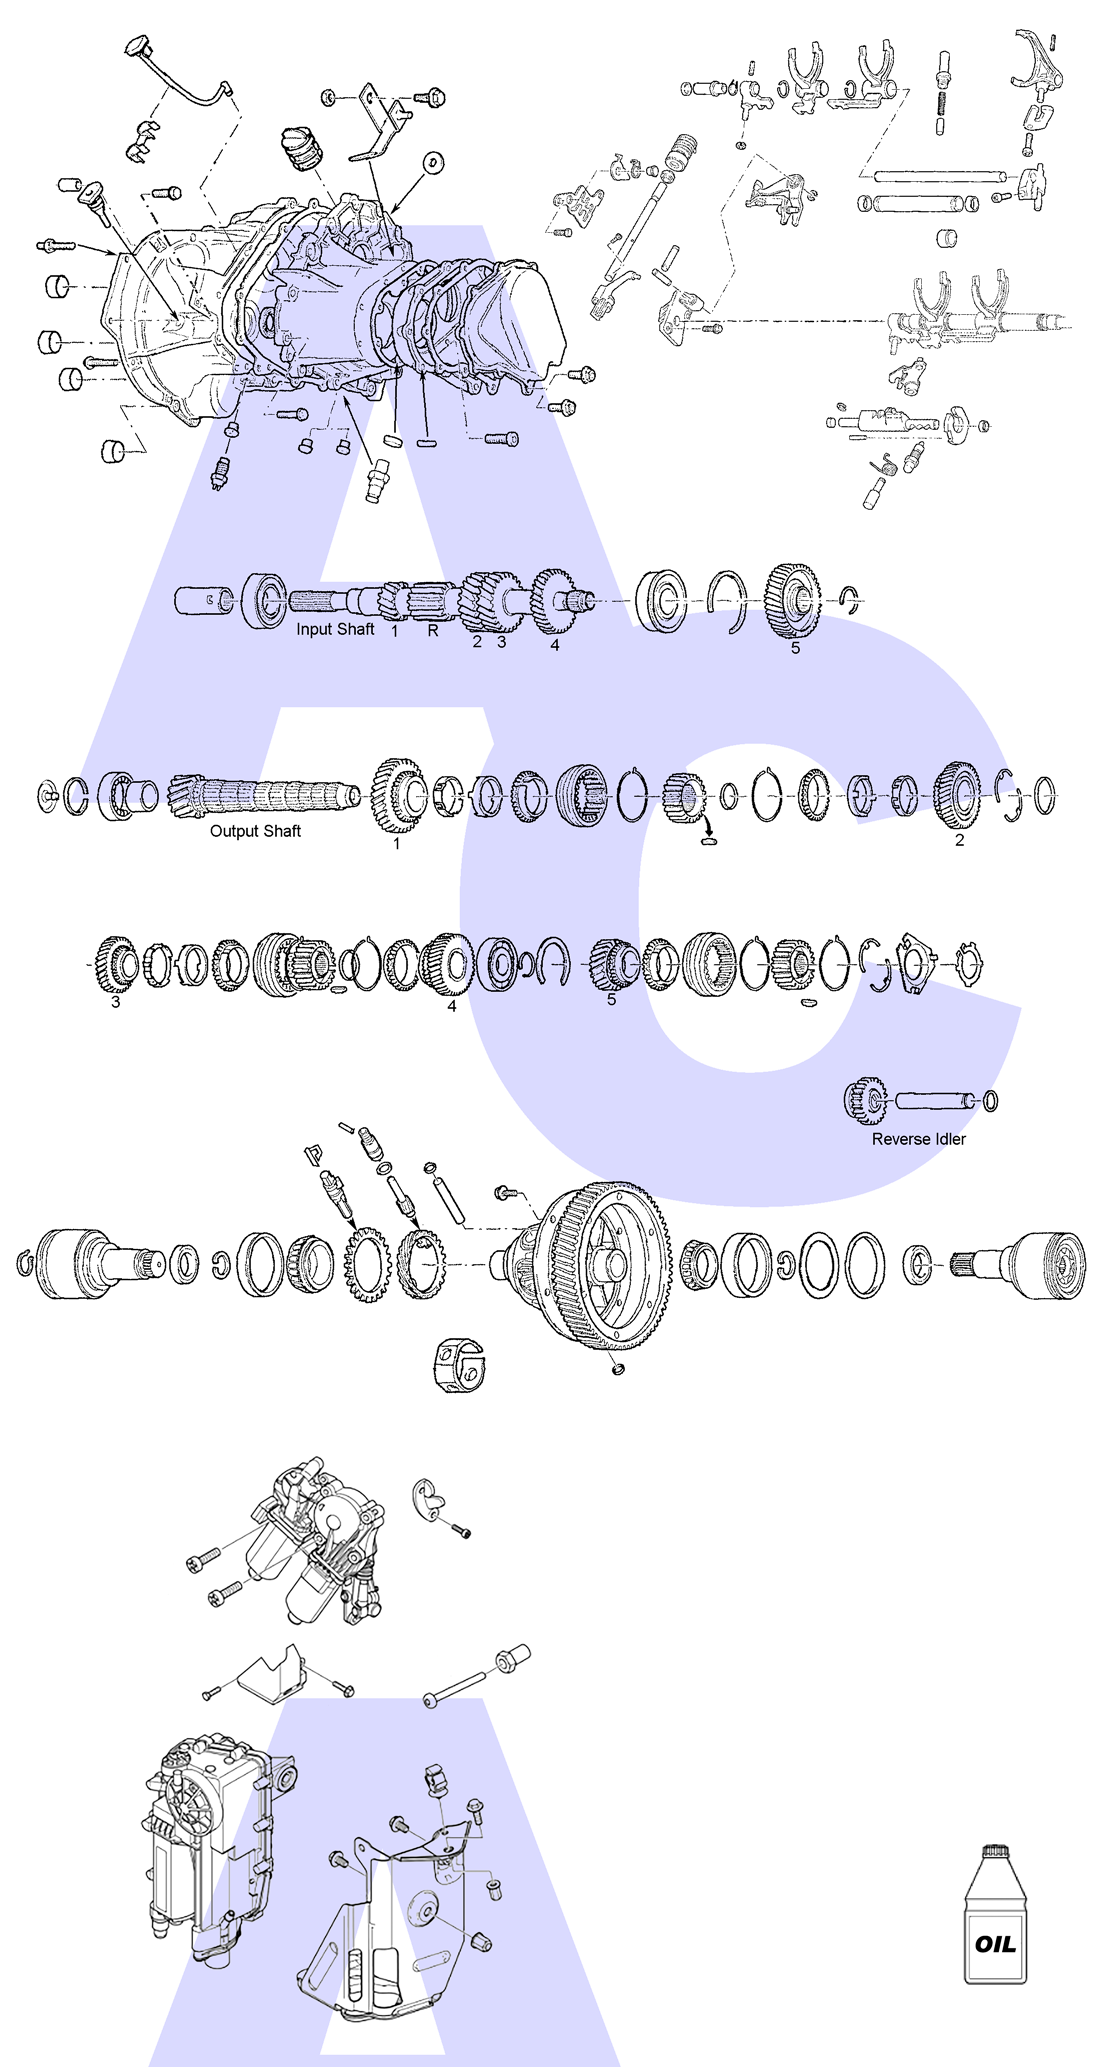 IB5 Manual Transmission Parts Catalogue